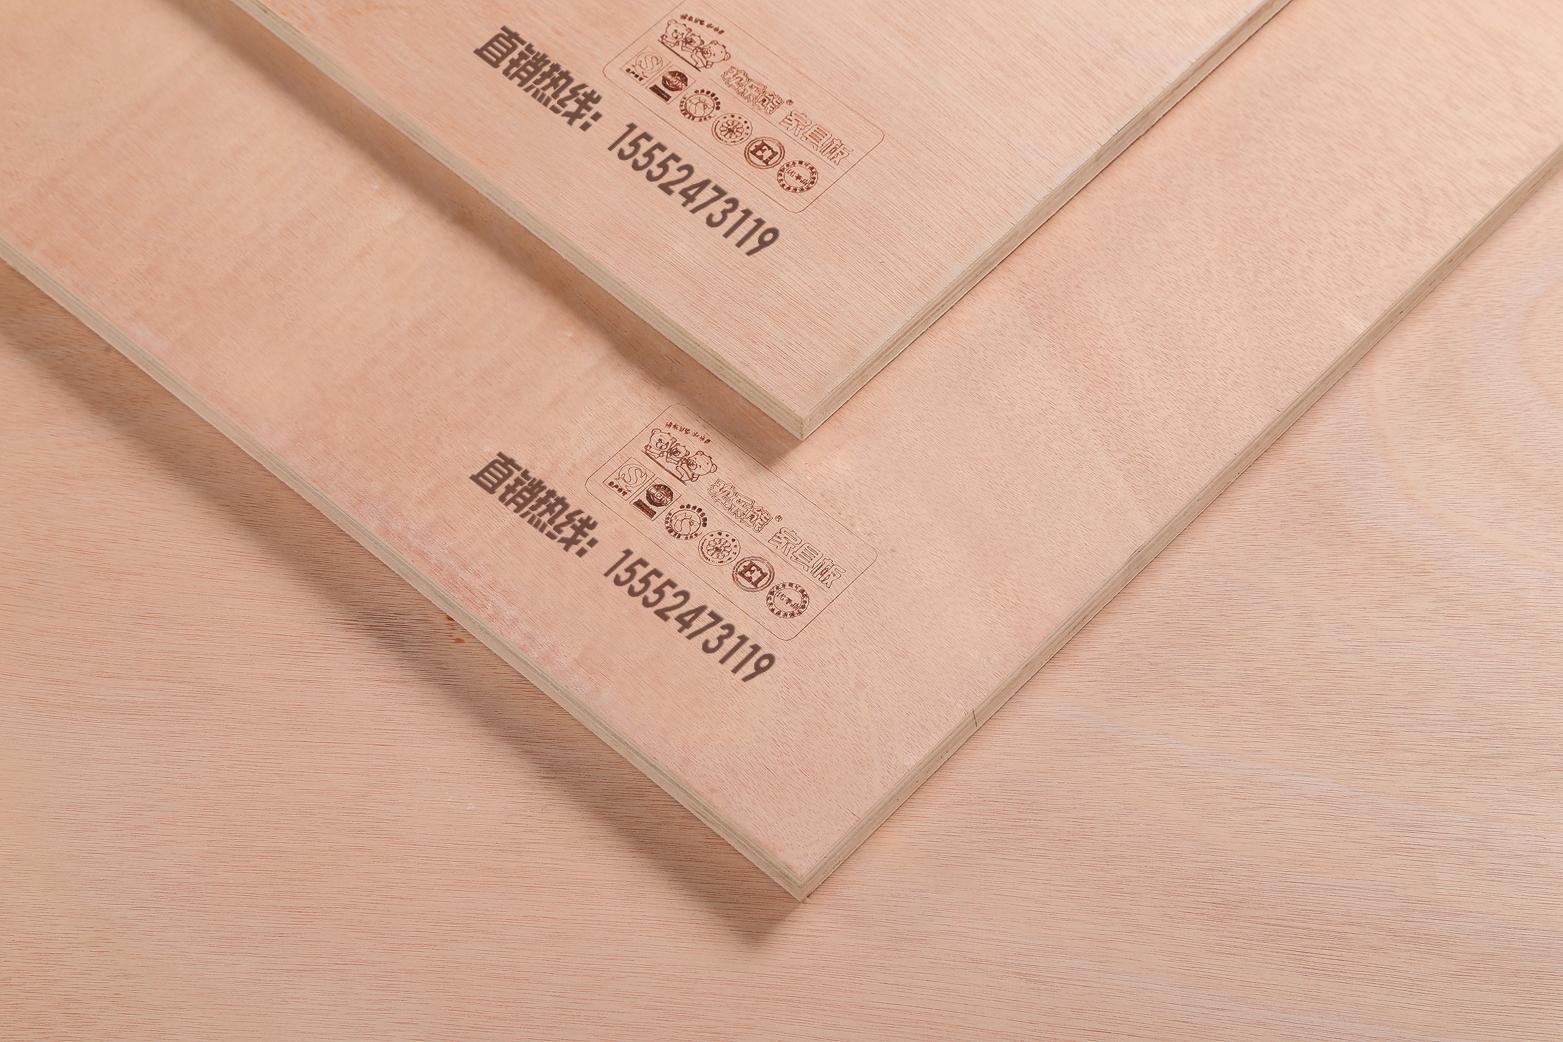 【欢乐熊】江苏厂家直销全桉杨桉加长加宽防水胶合板夹板多层板家具板生态板饰面板免漆板阻燃沙发板门套板马六甲 欢乐熊板材